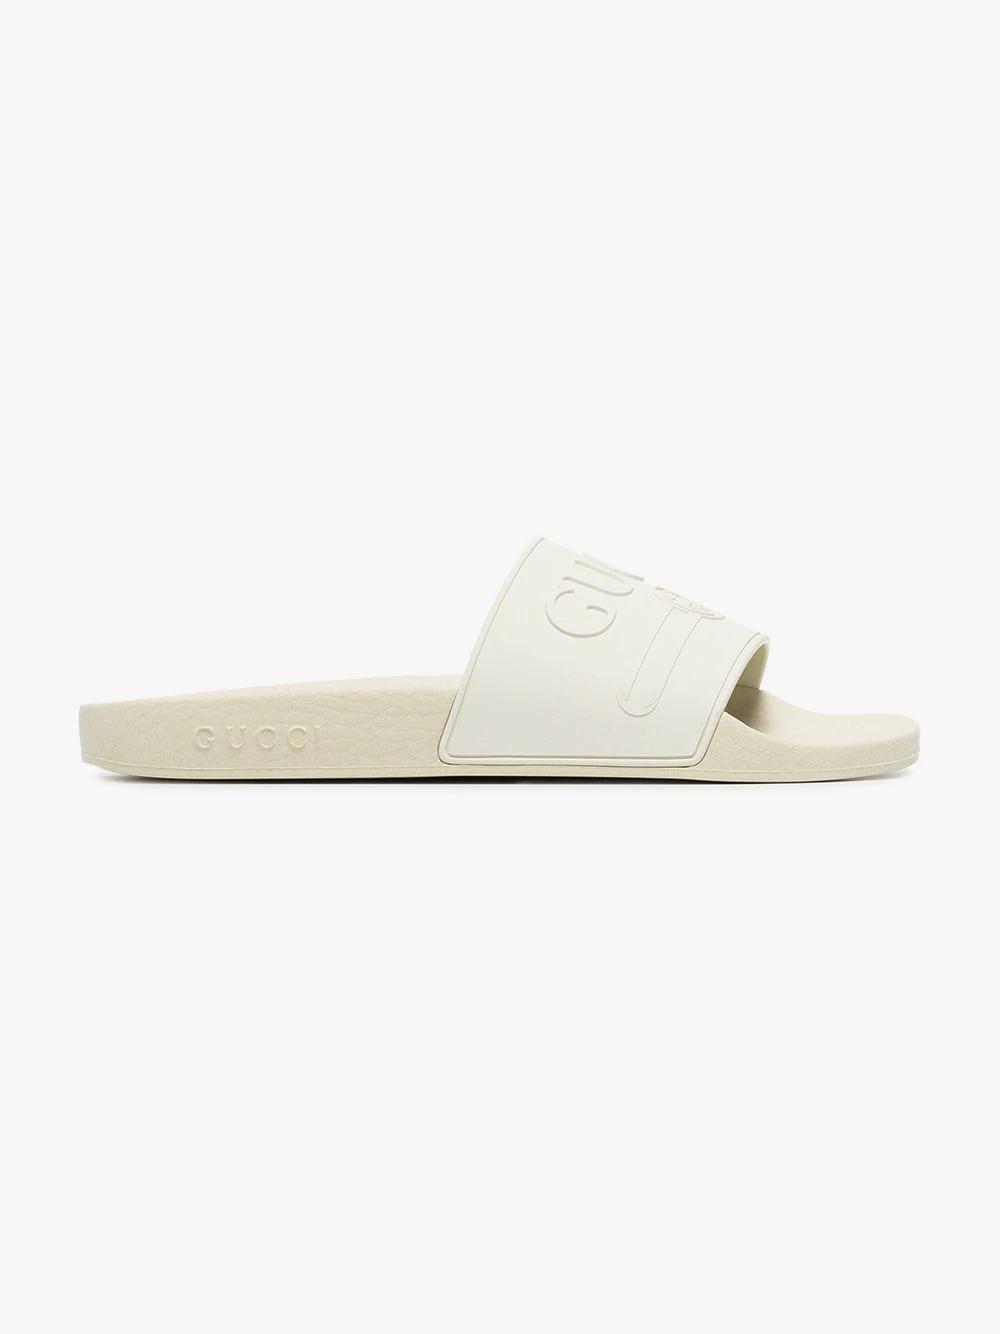 8b0c84cebafc76 Gucci Rubber Logo Slide Sandals In White